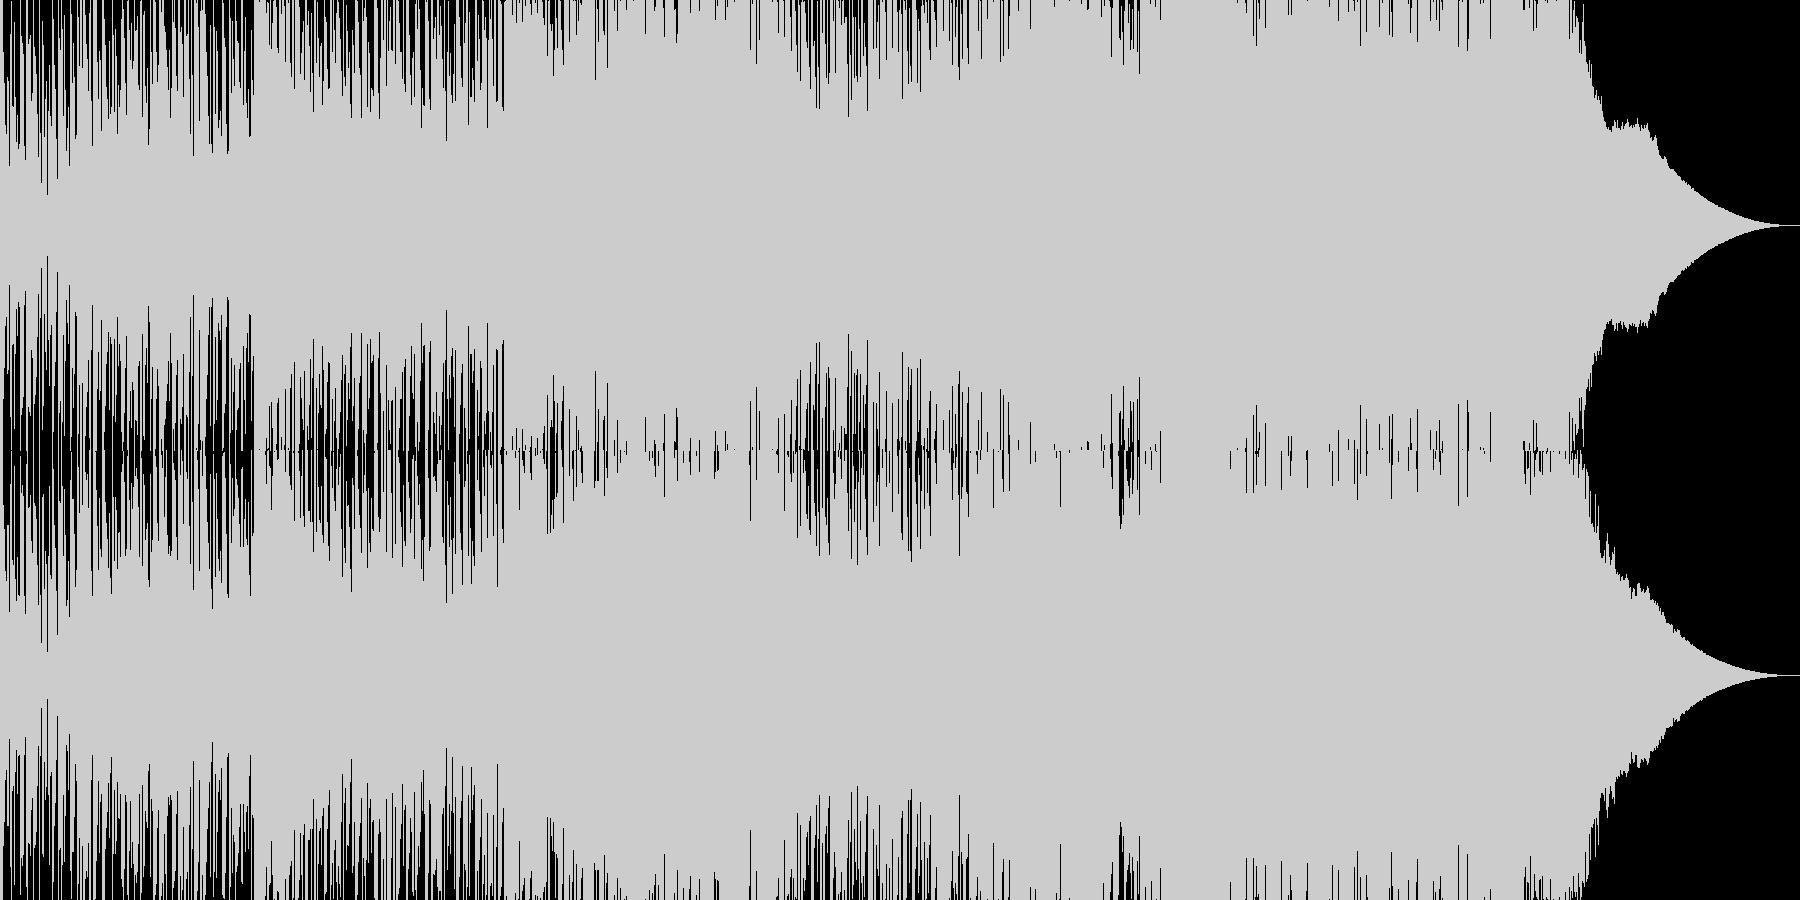 ドラムループのアンビエントなテクノの未再生の波形